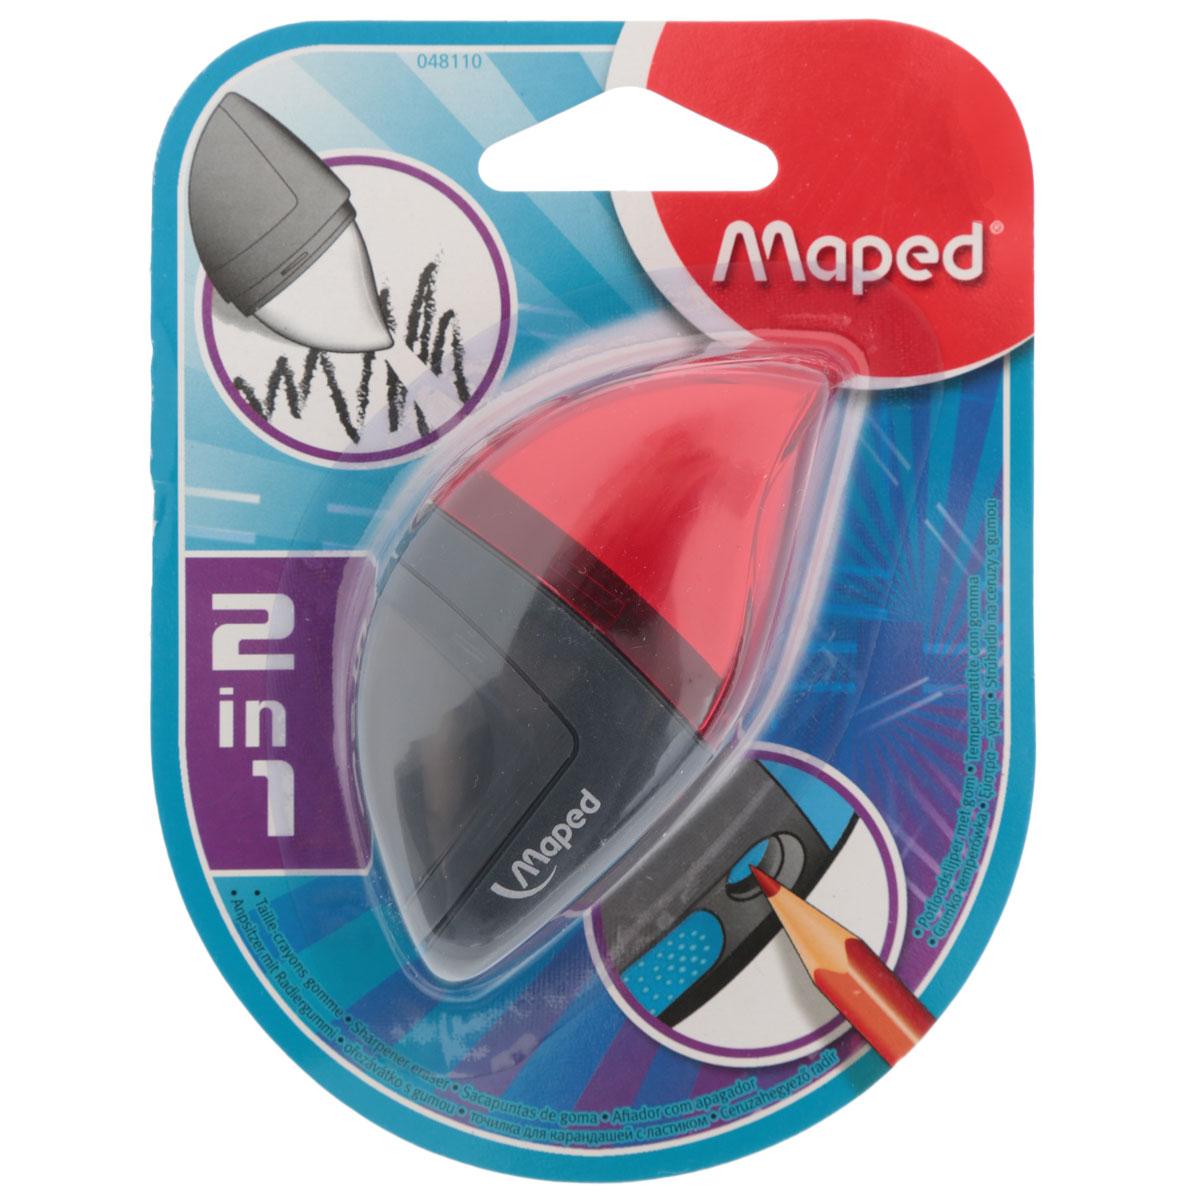 Точилка Maped Moondo, с ластиком, цвет: красный48110_красныйУдобная точилка в оригинальном пластиковом корпусе с крышкой Maped предназначена для затачивания карандашей. Острое стальное лезвие обеспечивает высококачественную и точную заточку. Карандаш затачивается легко и аккуратно, а опилки после заточки остаются в специальном контейнере. Точилка снабжена ластиком, закрывающимся колпачком.